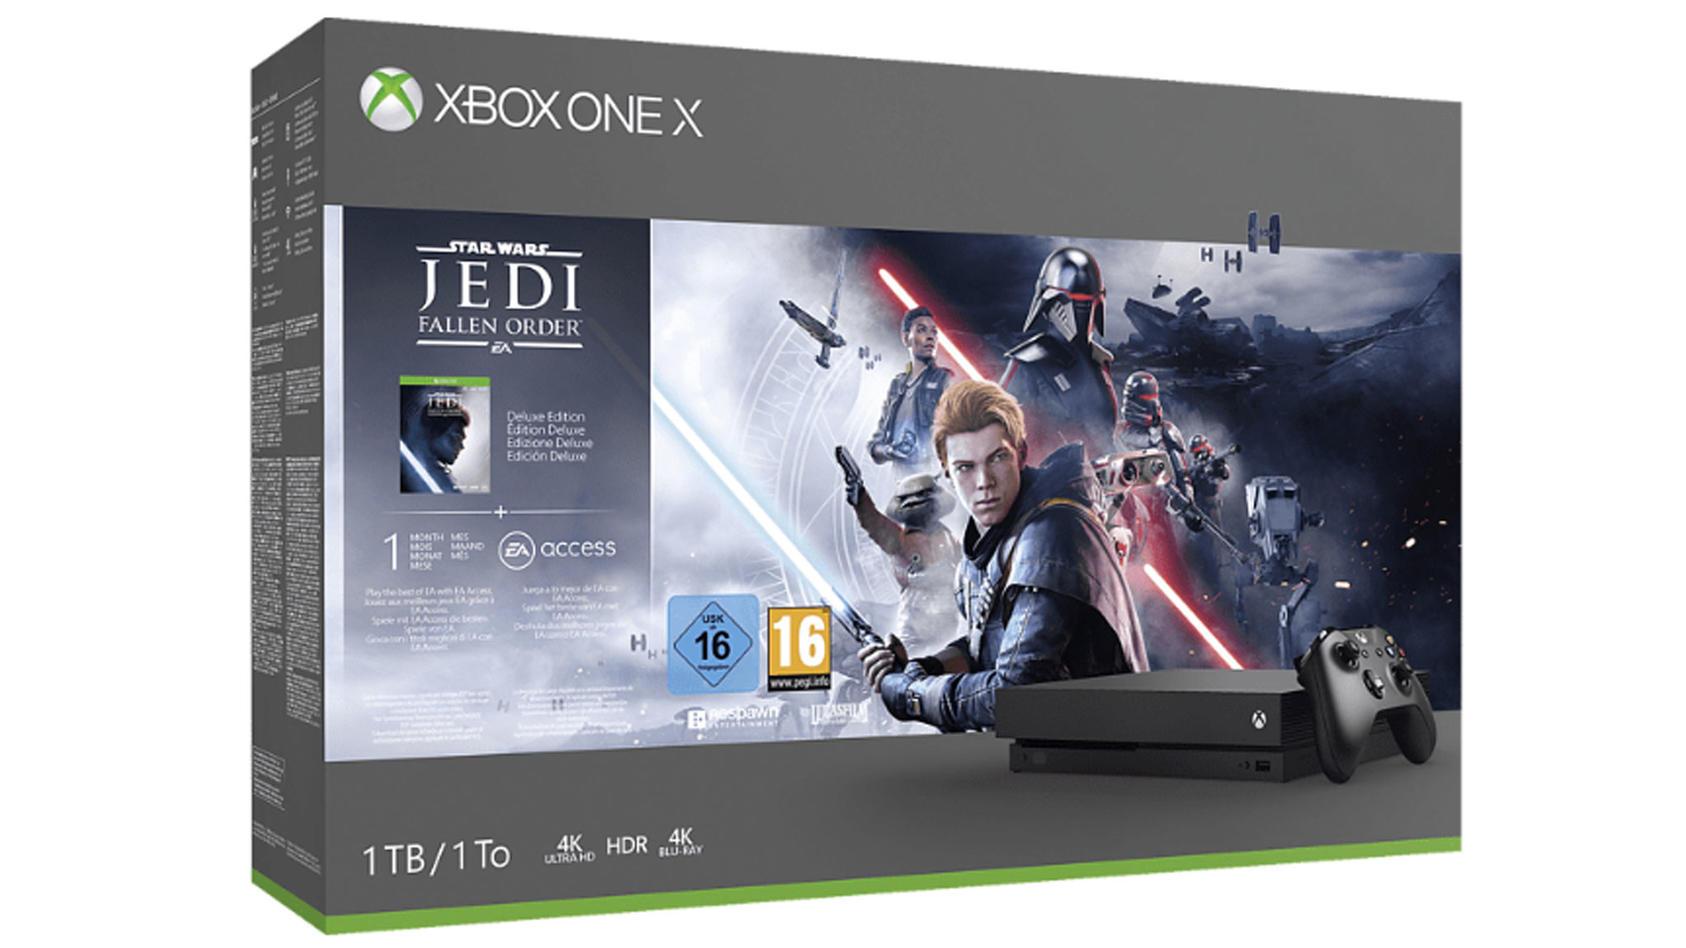 Die Xbox One X gibt es im Bundle mit Star Wars Jedi – Fallen Order für 279 Euro bei Saturn.